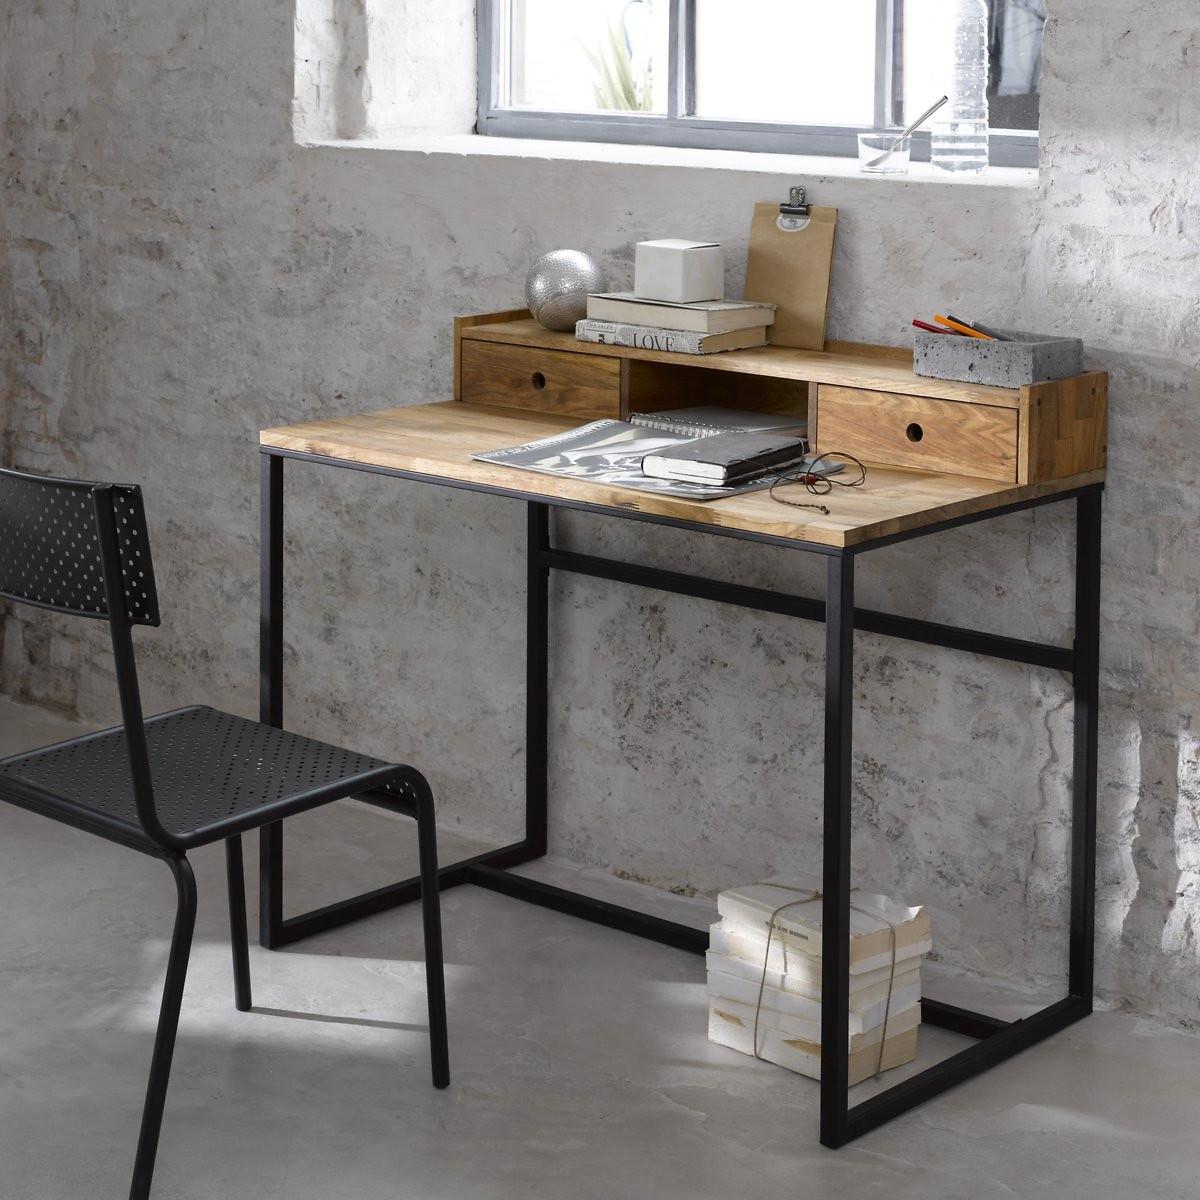 Стол LaRedoute Письменный из дуба и металла с маленькой надставкой Hiba единый размер черный